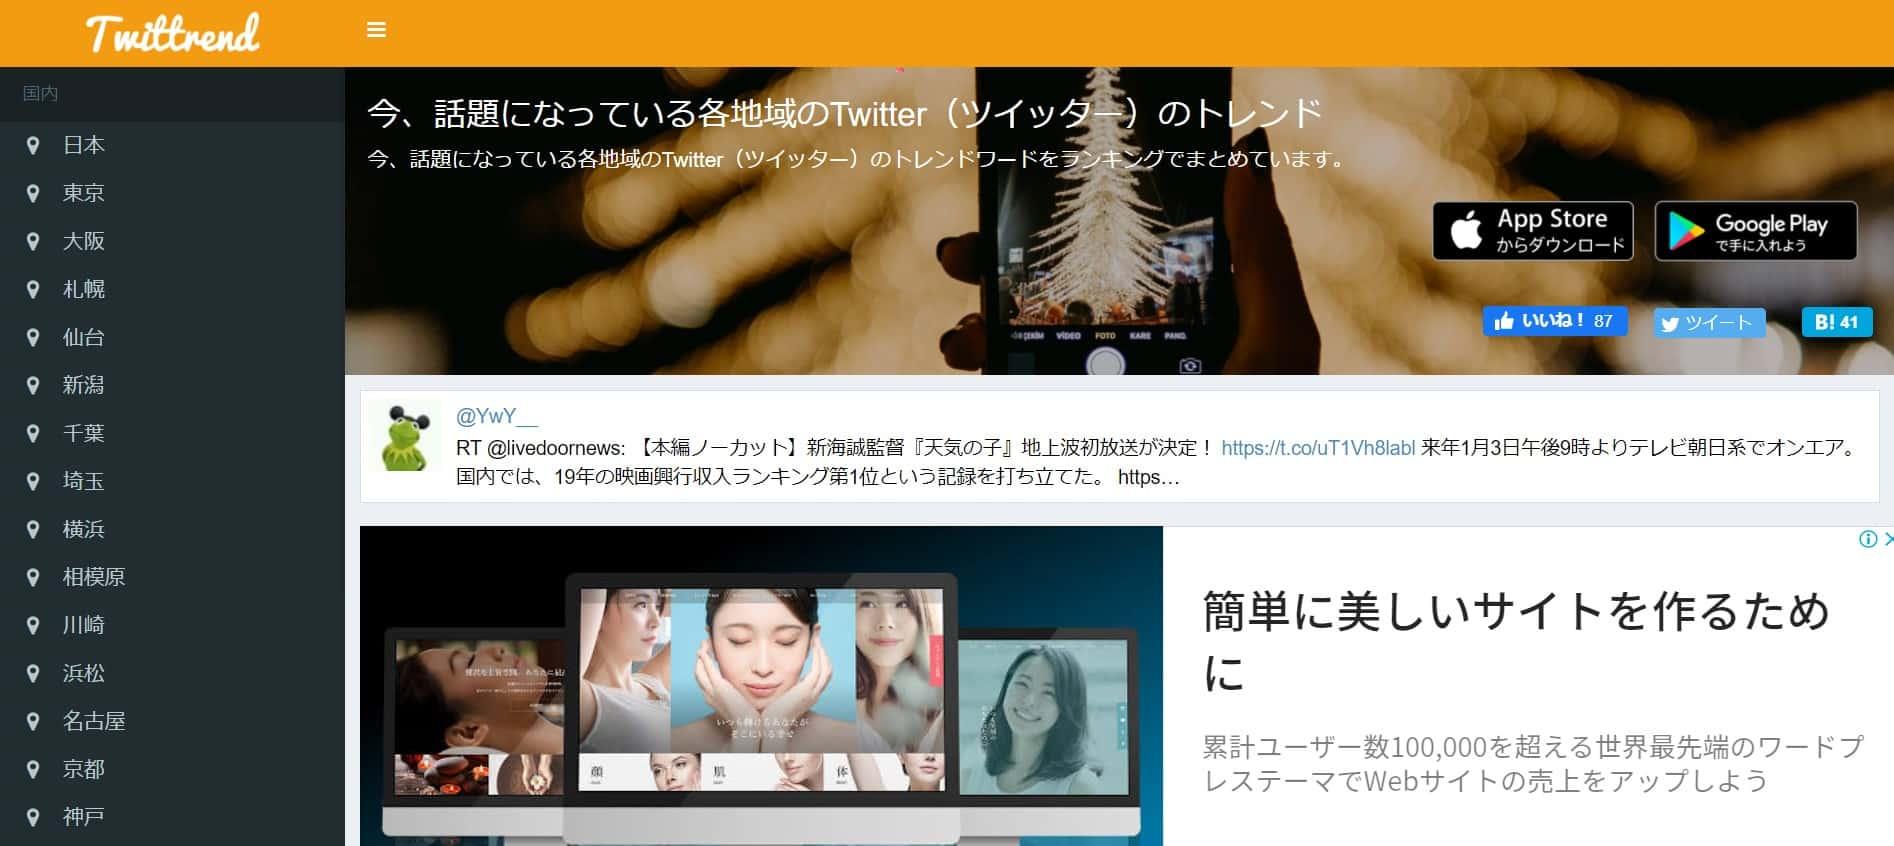 【Twittrend】地域別トレンドが入手できるツール